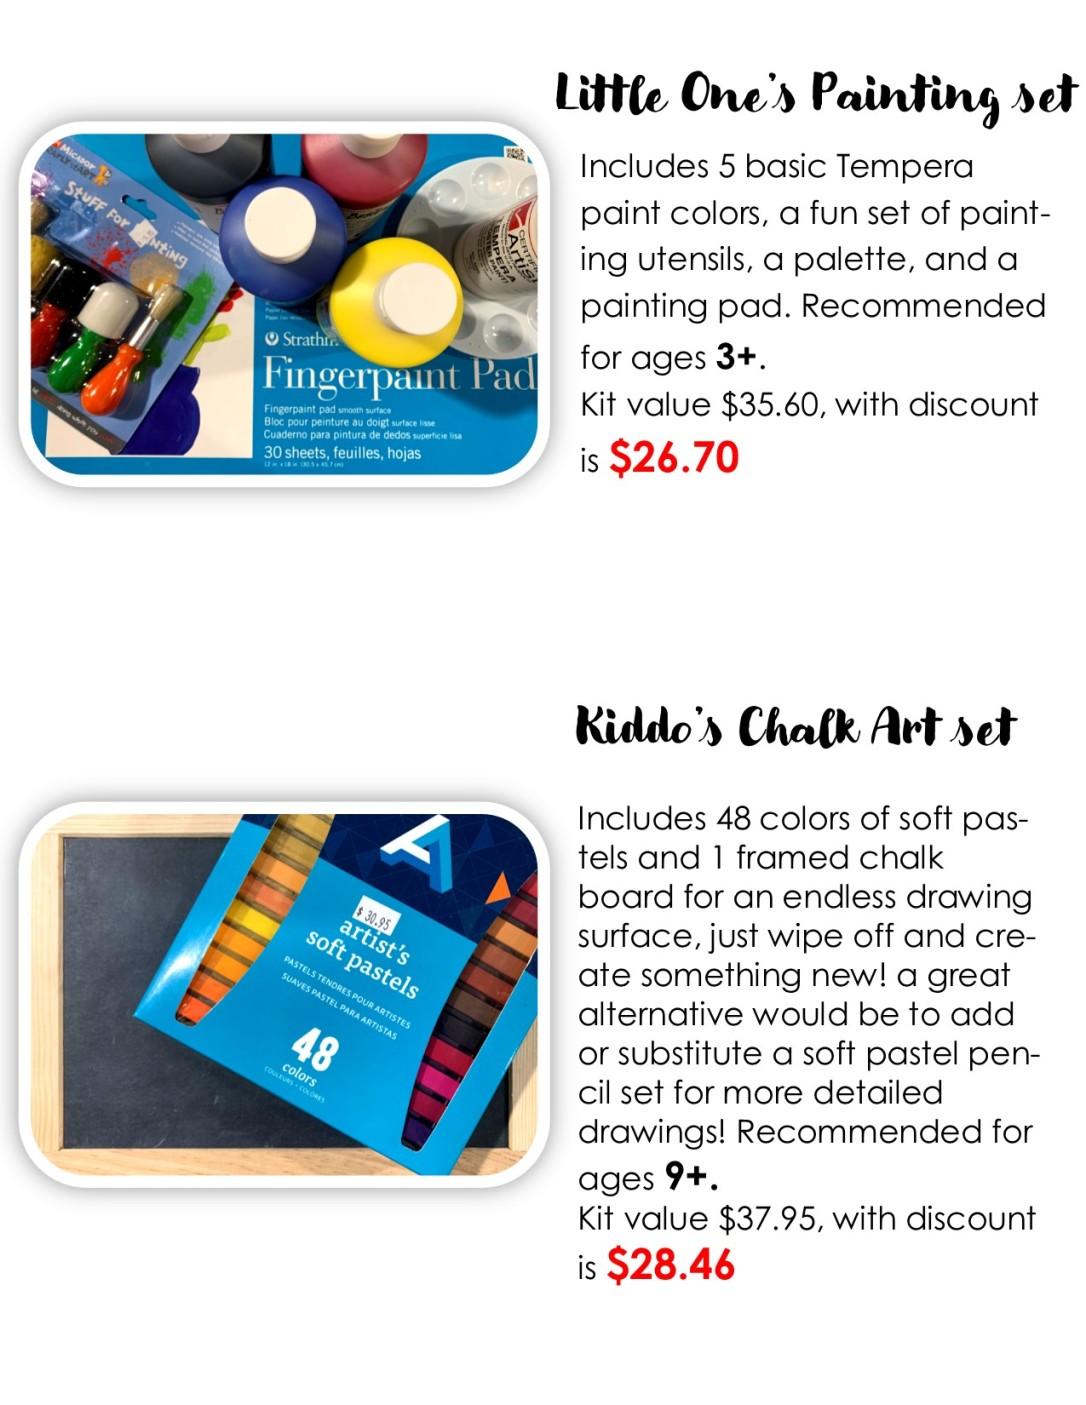 kiddos kit page 3